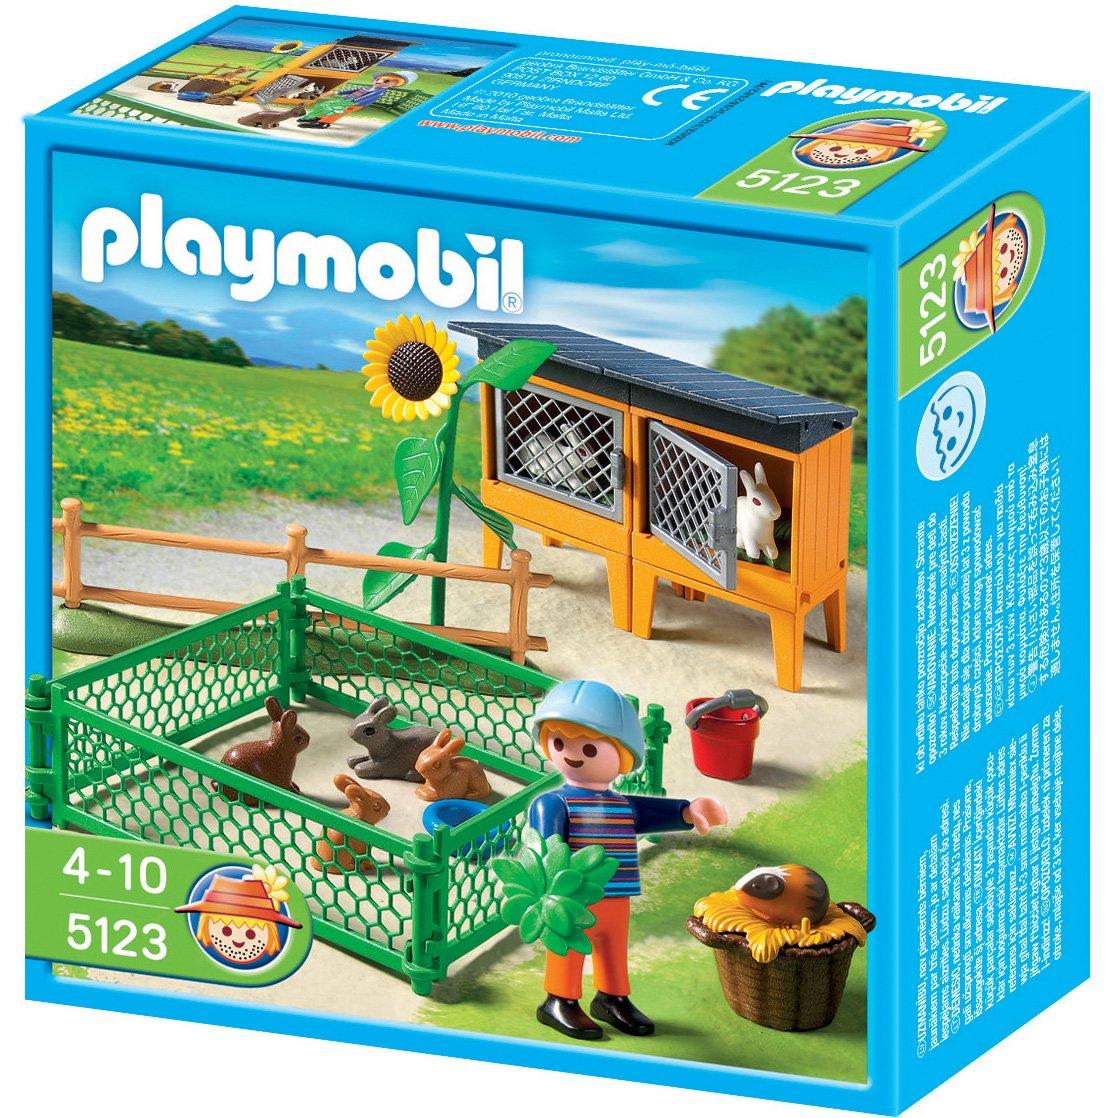 Playmobil - Granja conejos con corral (626605): Amazon.es: Juguetes y juegos